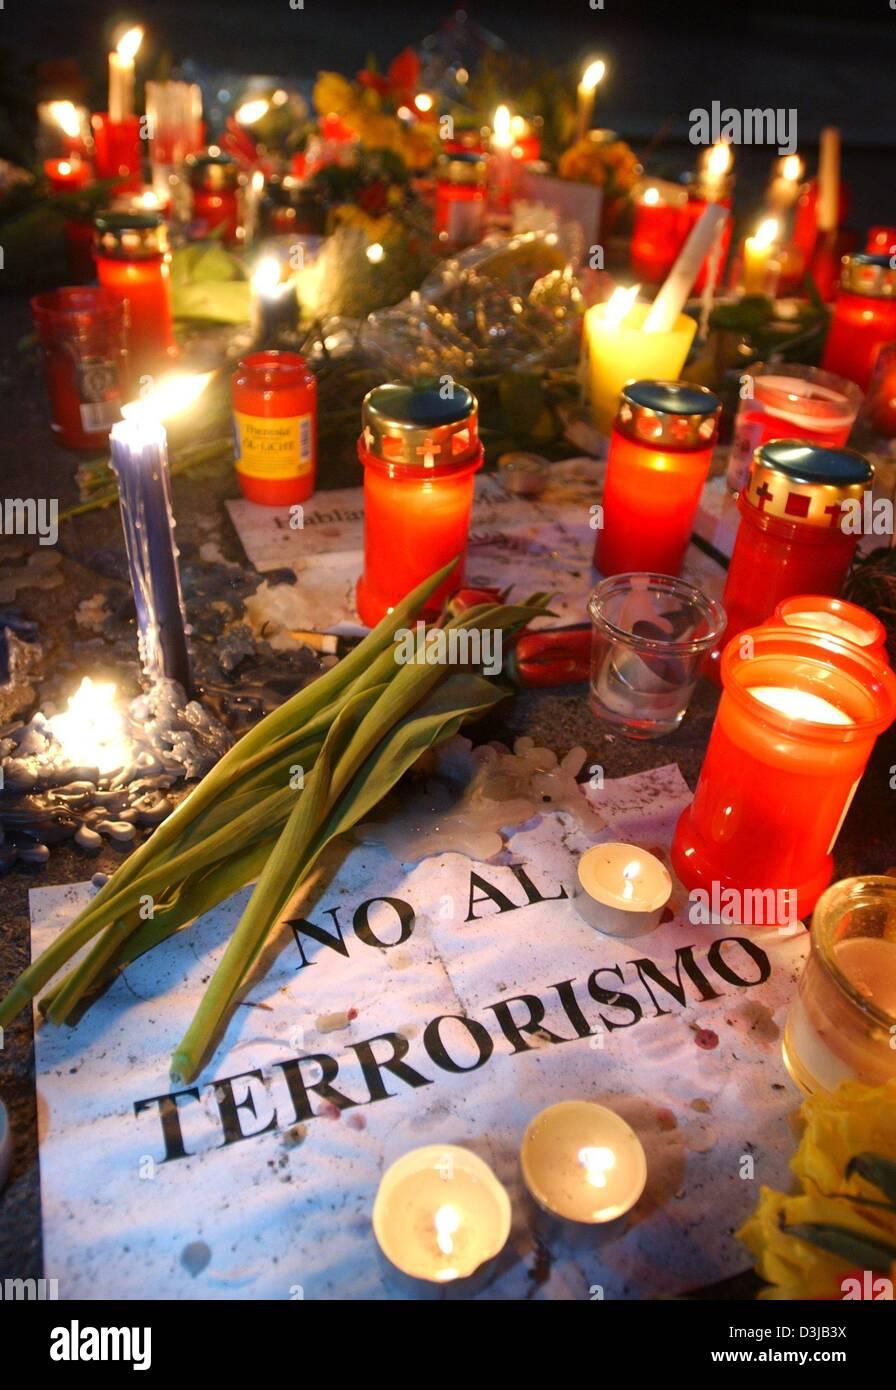 """(Afp) - un signe parmi les fleurs et allumé des bougies se lit 'No al terrorismo"""" (Non au terrorisme) en face de l'ambassade d'Espagne à Berlin, 14 mars 2004. 200 personnes ont été tuées et plus de 1 200 blessés dans un attentat à la bombe dans la capitale espagnole la semaine dernière. Banque D'Images"""